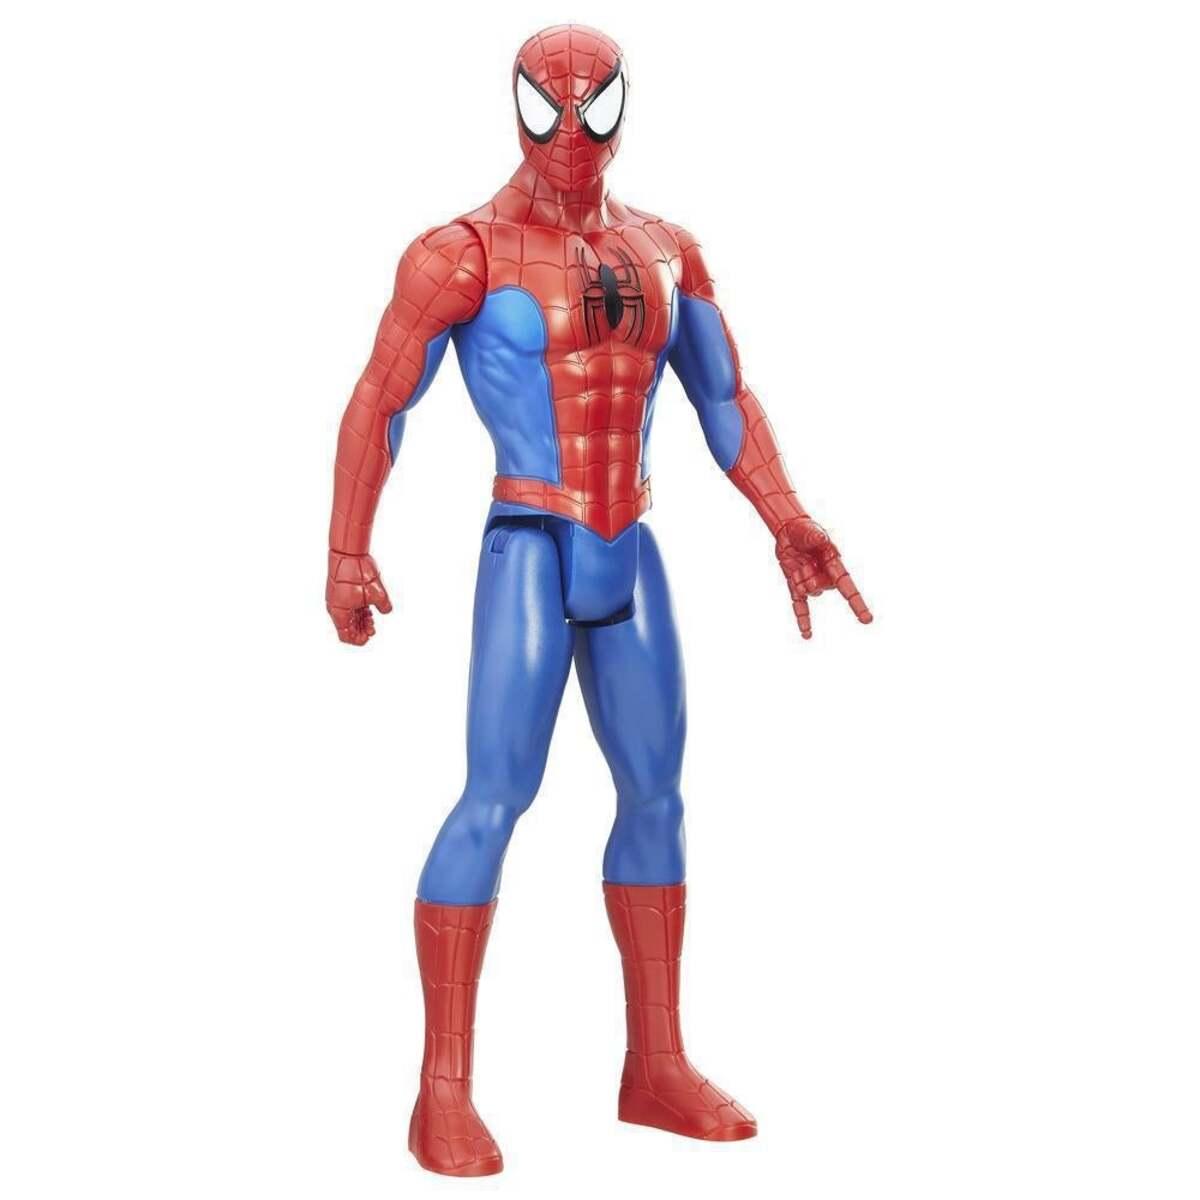 Bild 4 von Hasbro Spider-Man Titan Hero